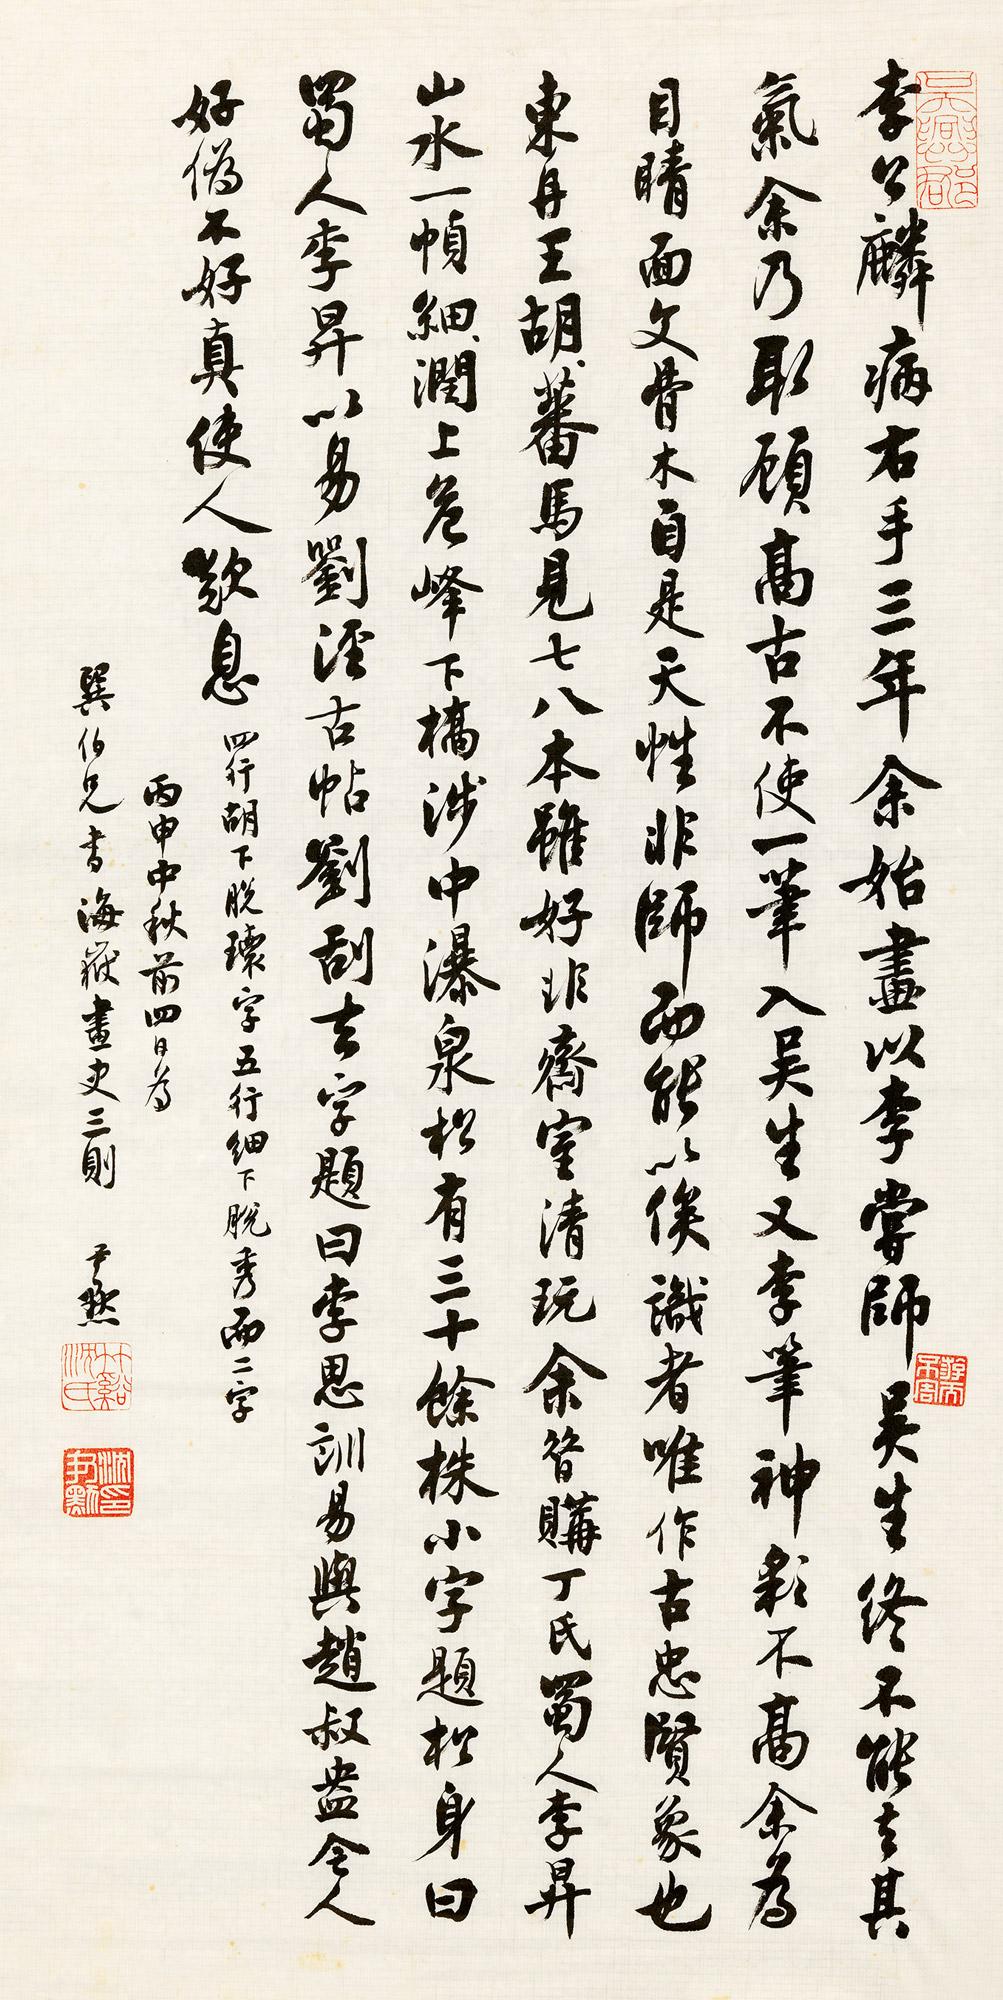 沈尹默 行书《海岳画史》三则 丙申(1956年)作 镜心水墨纸本 中国嘉德2018春季拍卖会